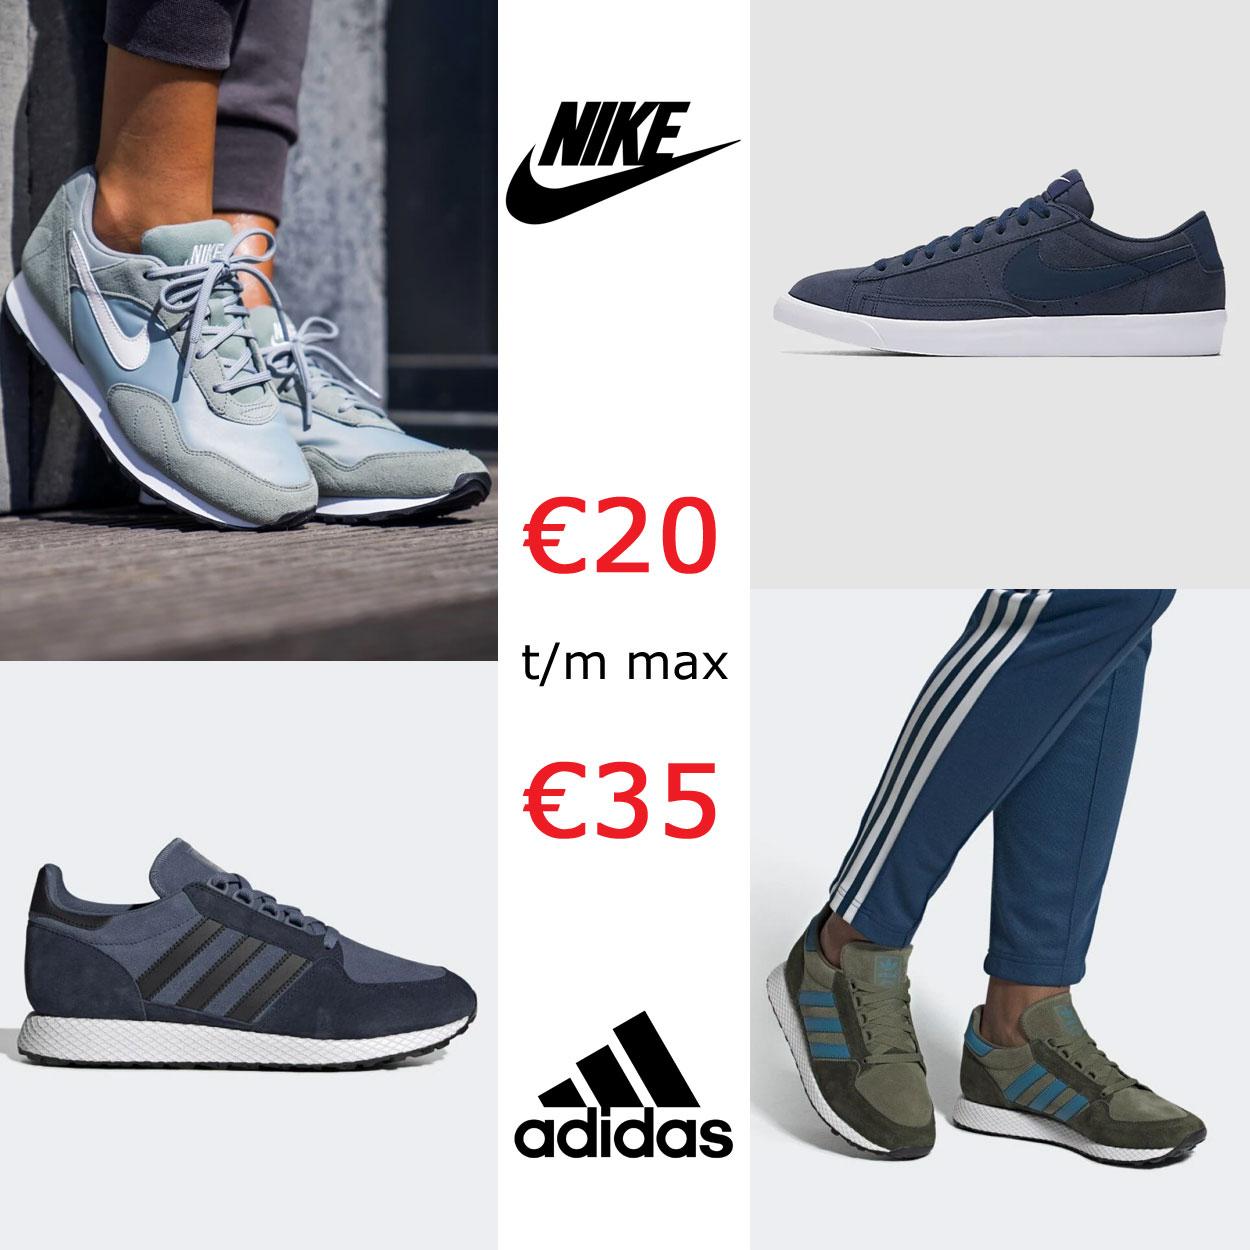 Nike + adidas sneakers €20 tot €35 + kans op EXTRA korting